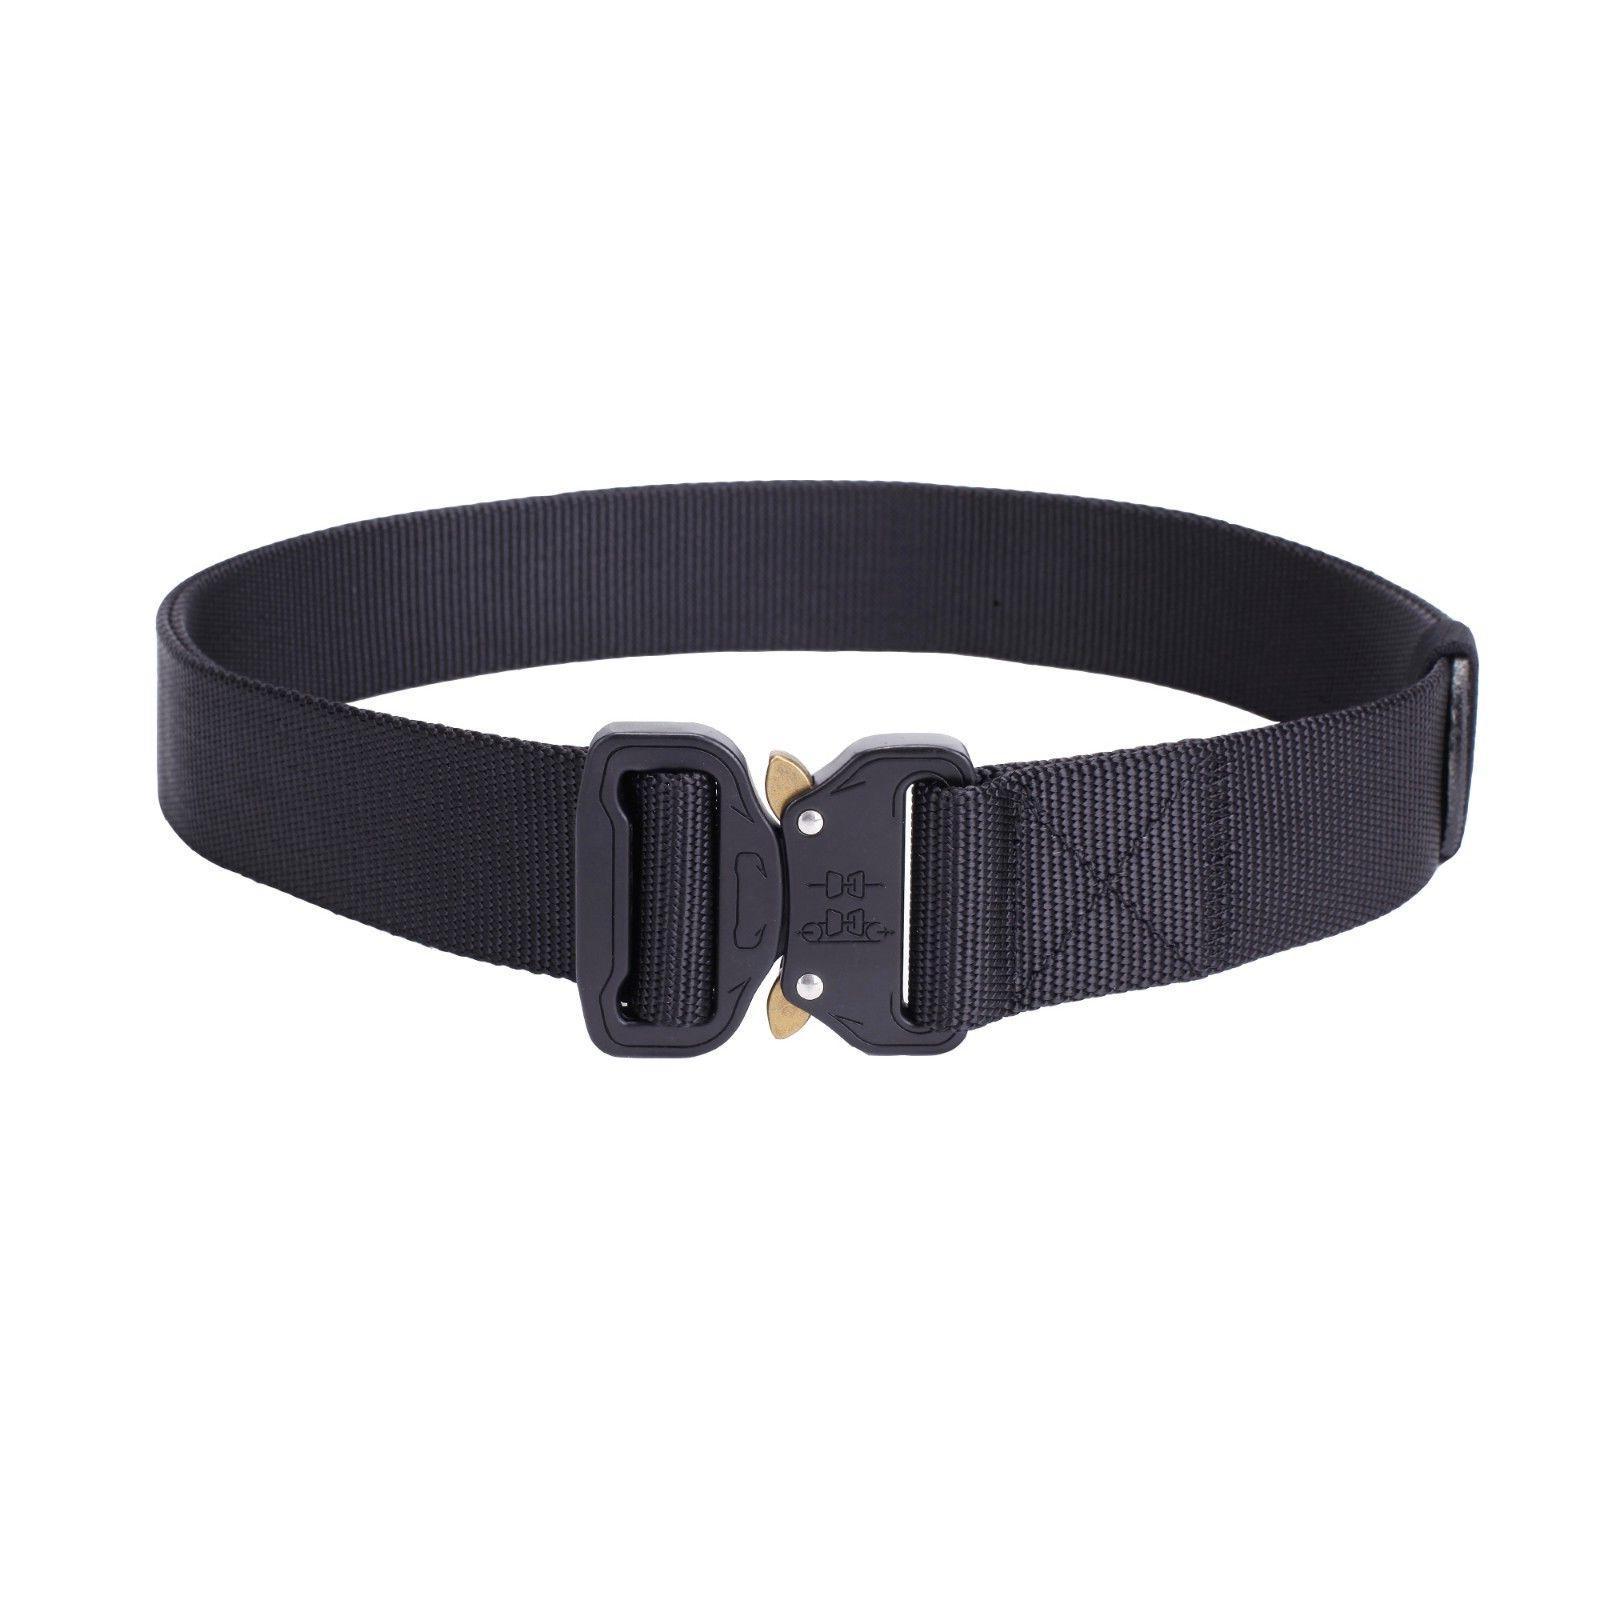 Mens Tactical Gun Belt Buckle Adjustable